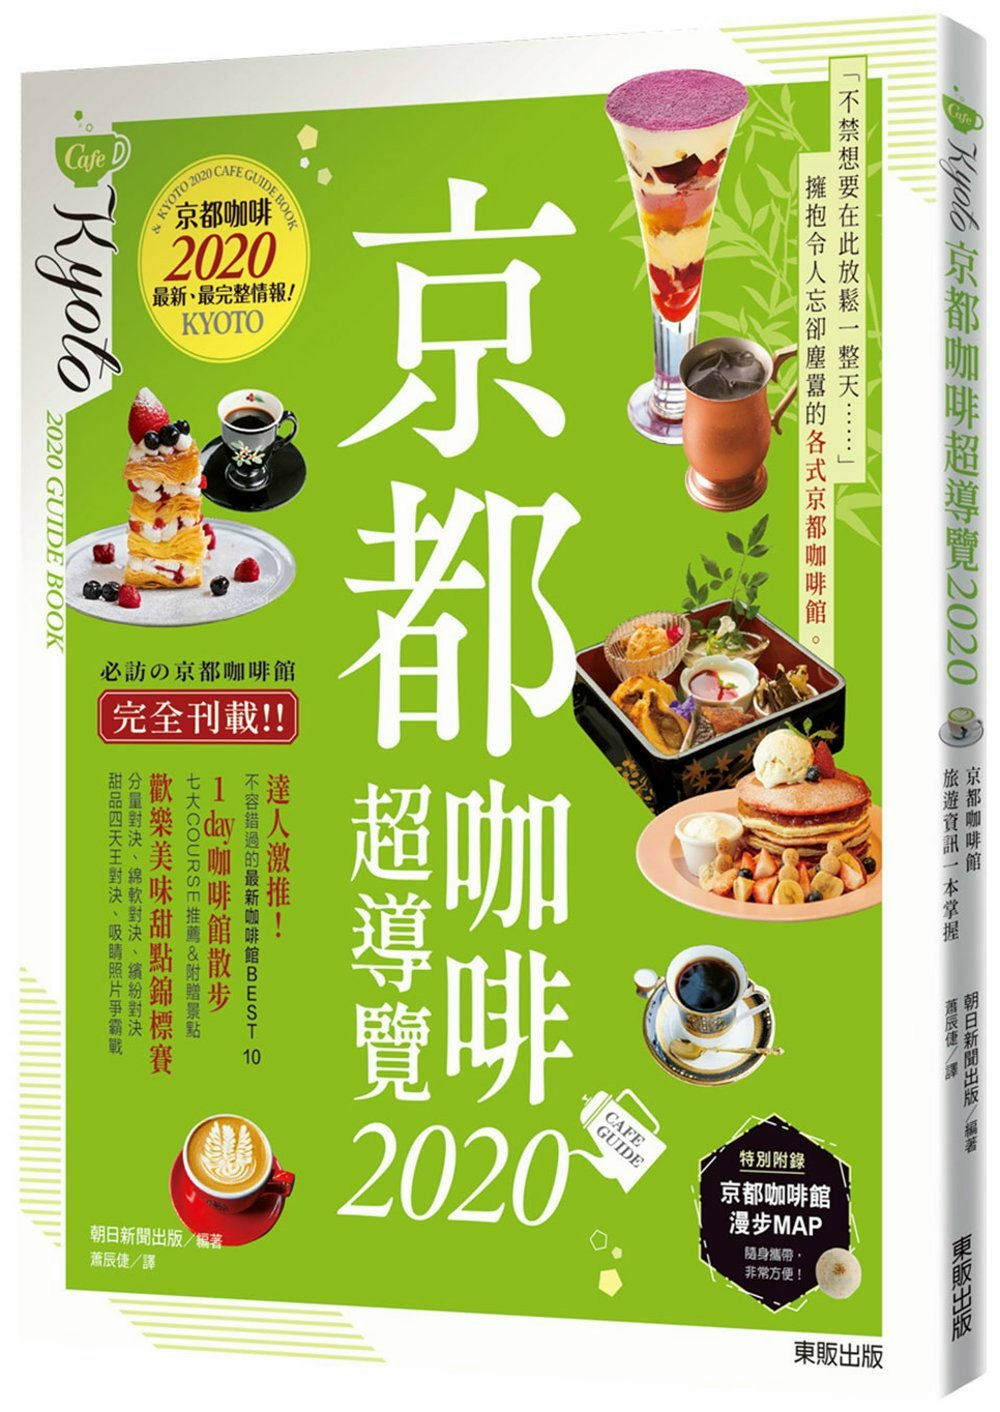 京都咖啡超導覽2020